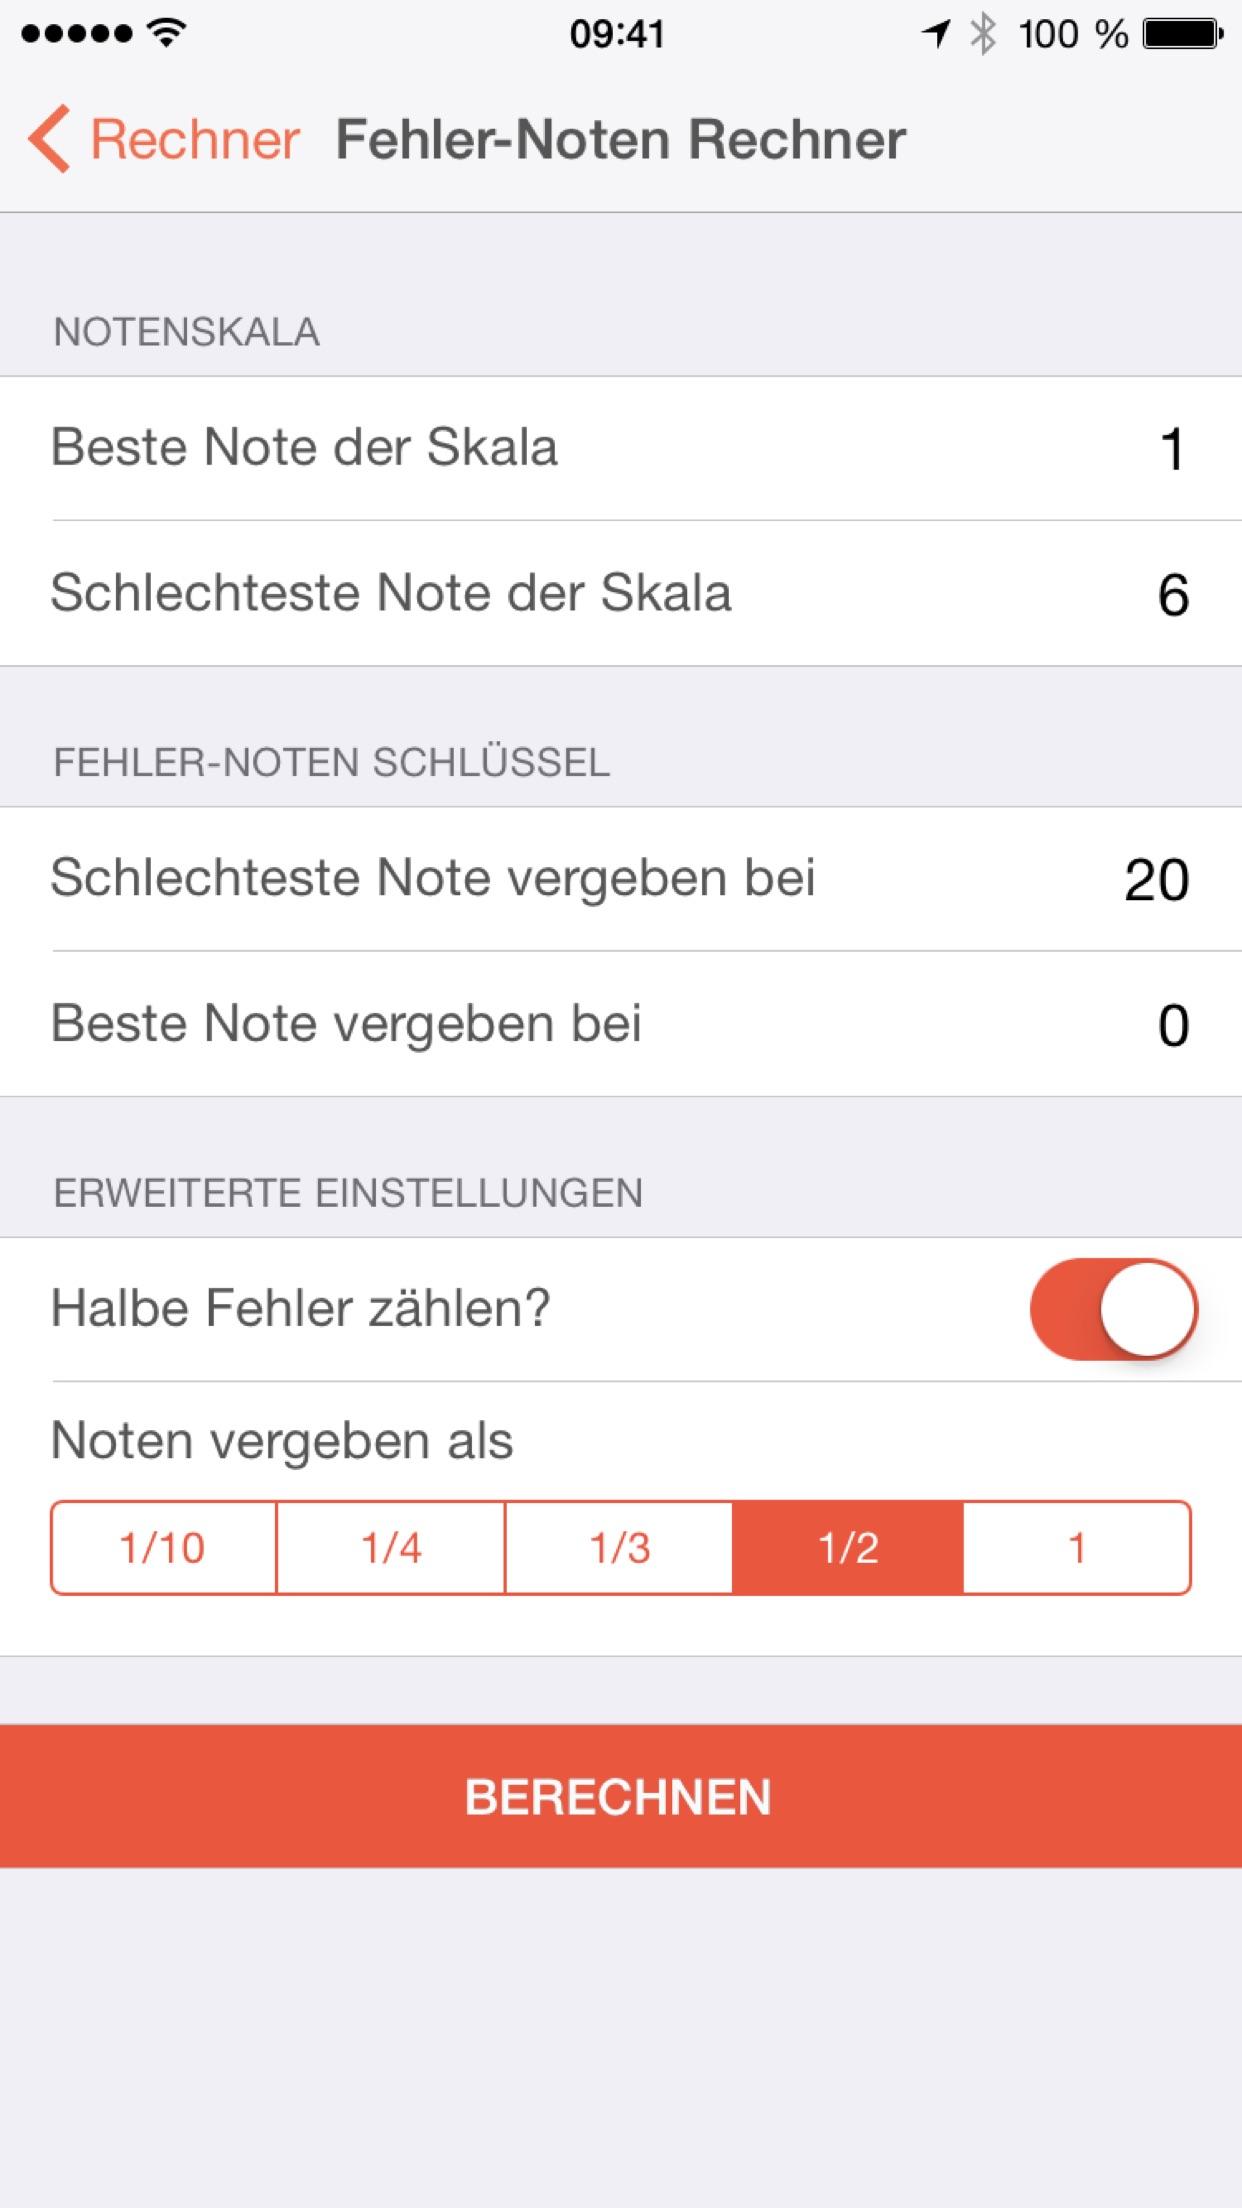 Notenrechner - Punkte-Noten & Fehler-Noten Rechner für Lehrer Screenshot